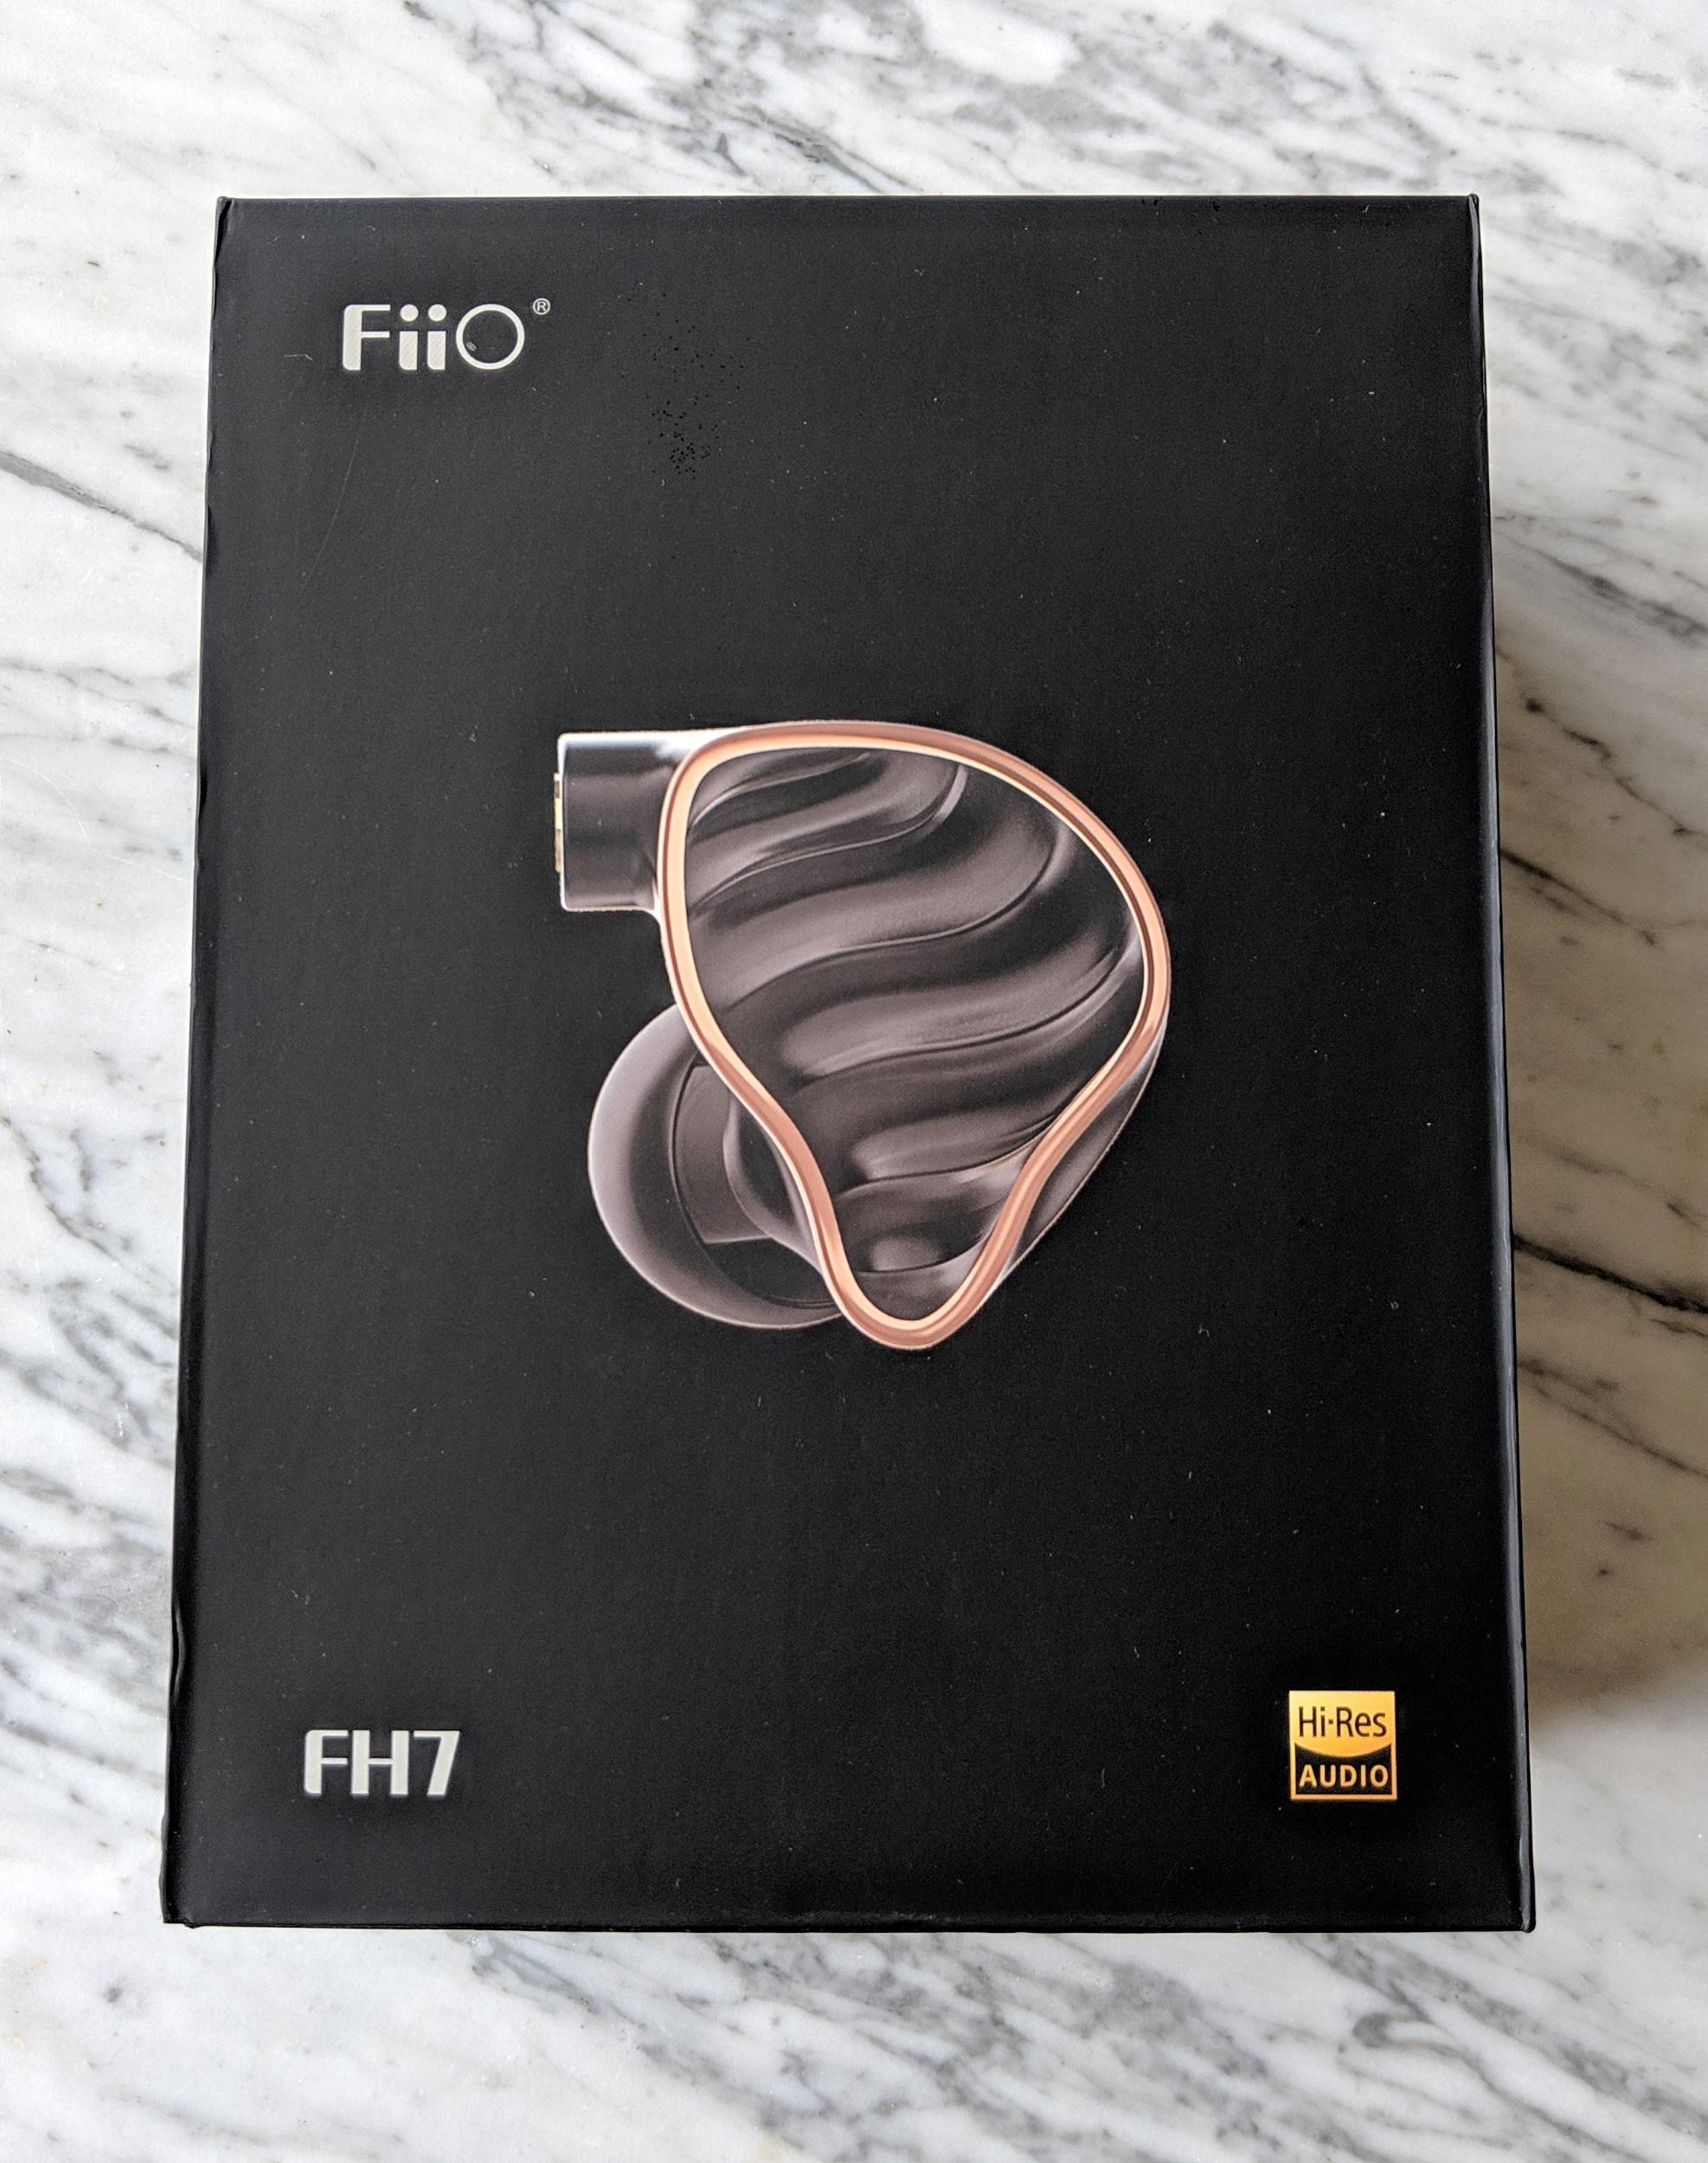 The box for the Fiio FH7 earphones.